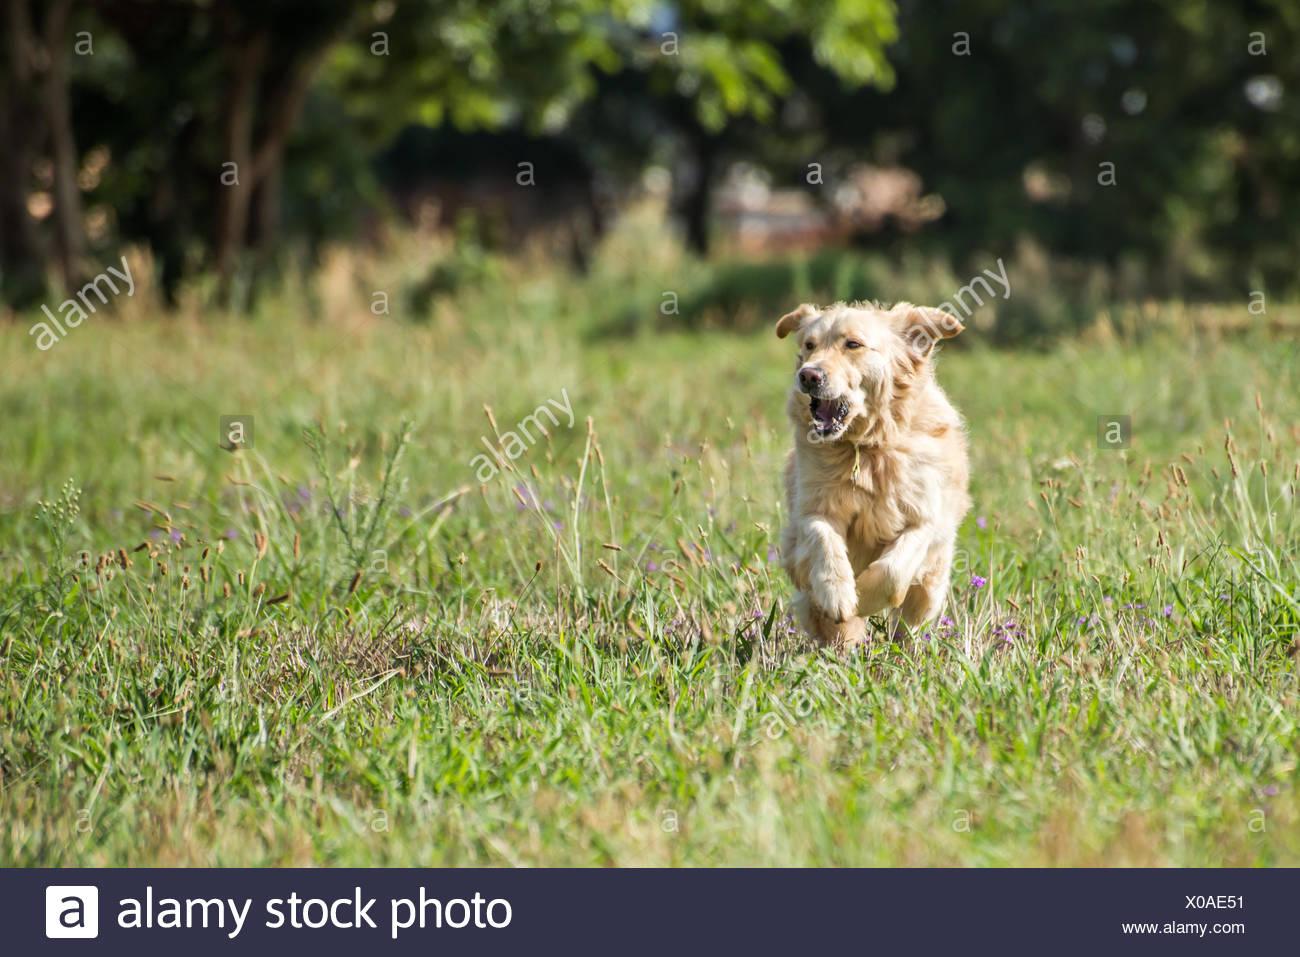 Golden Retriever Running - Stock Image